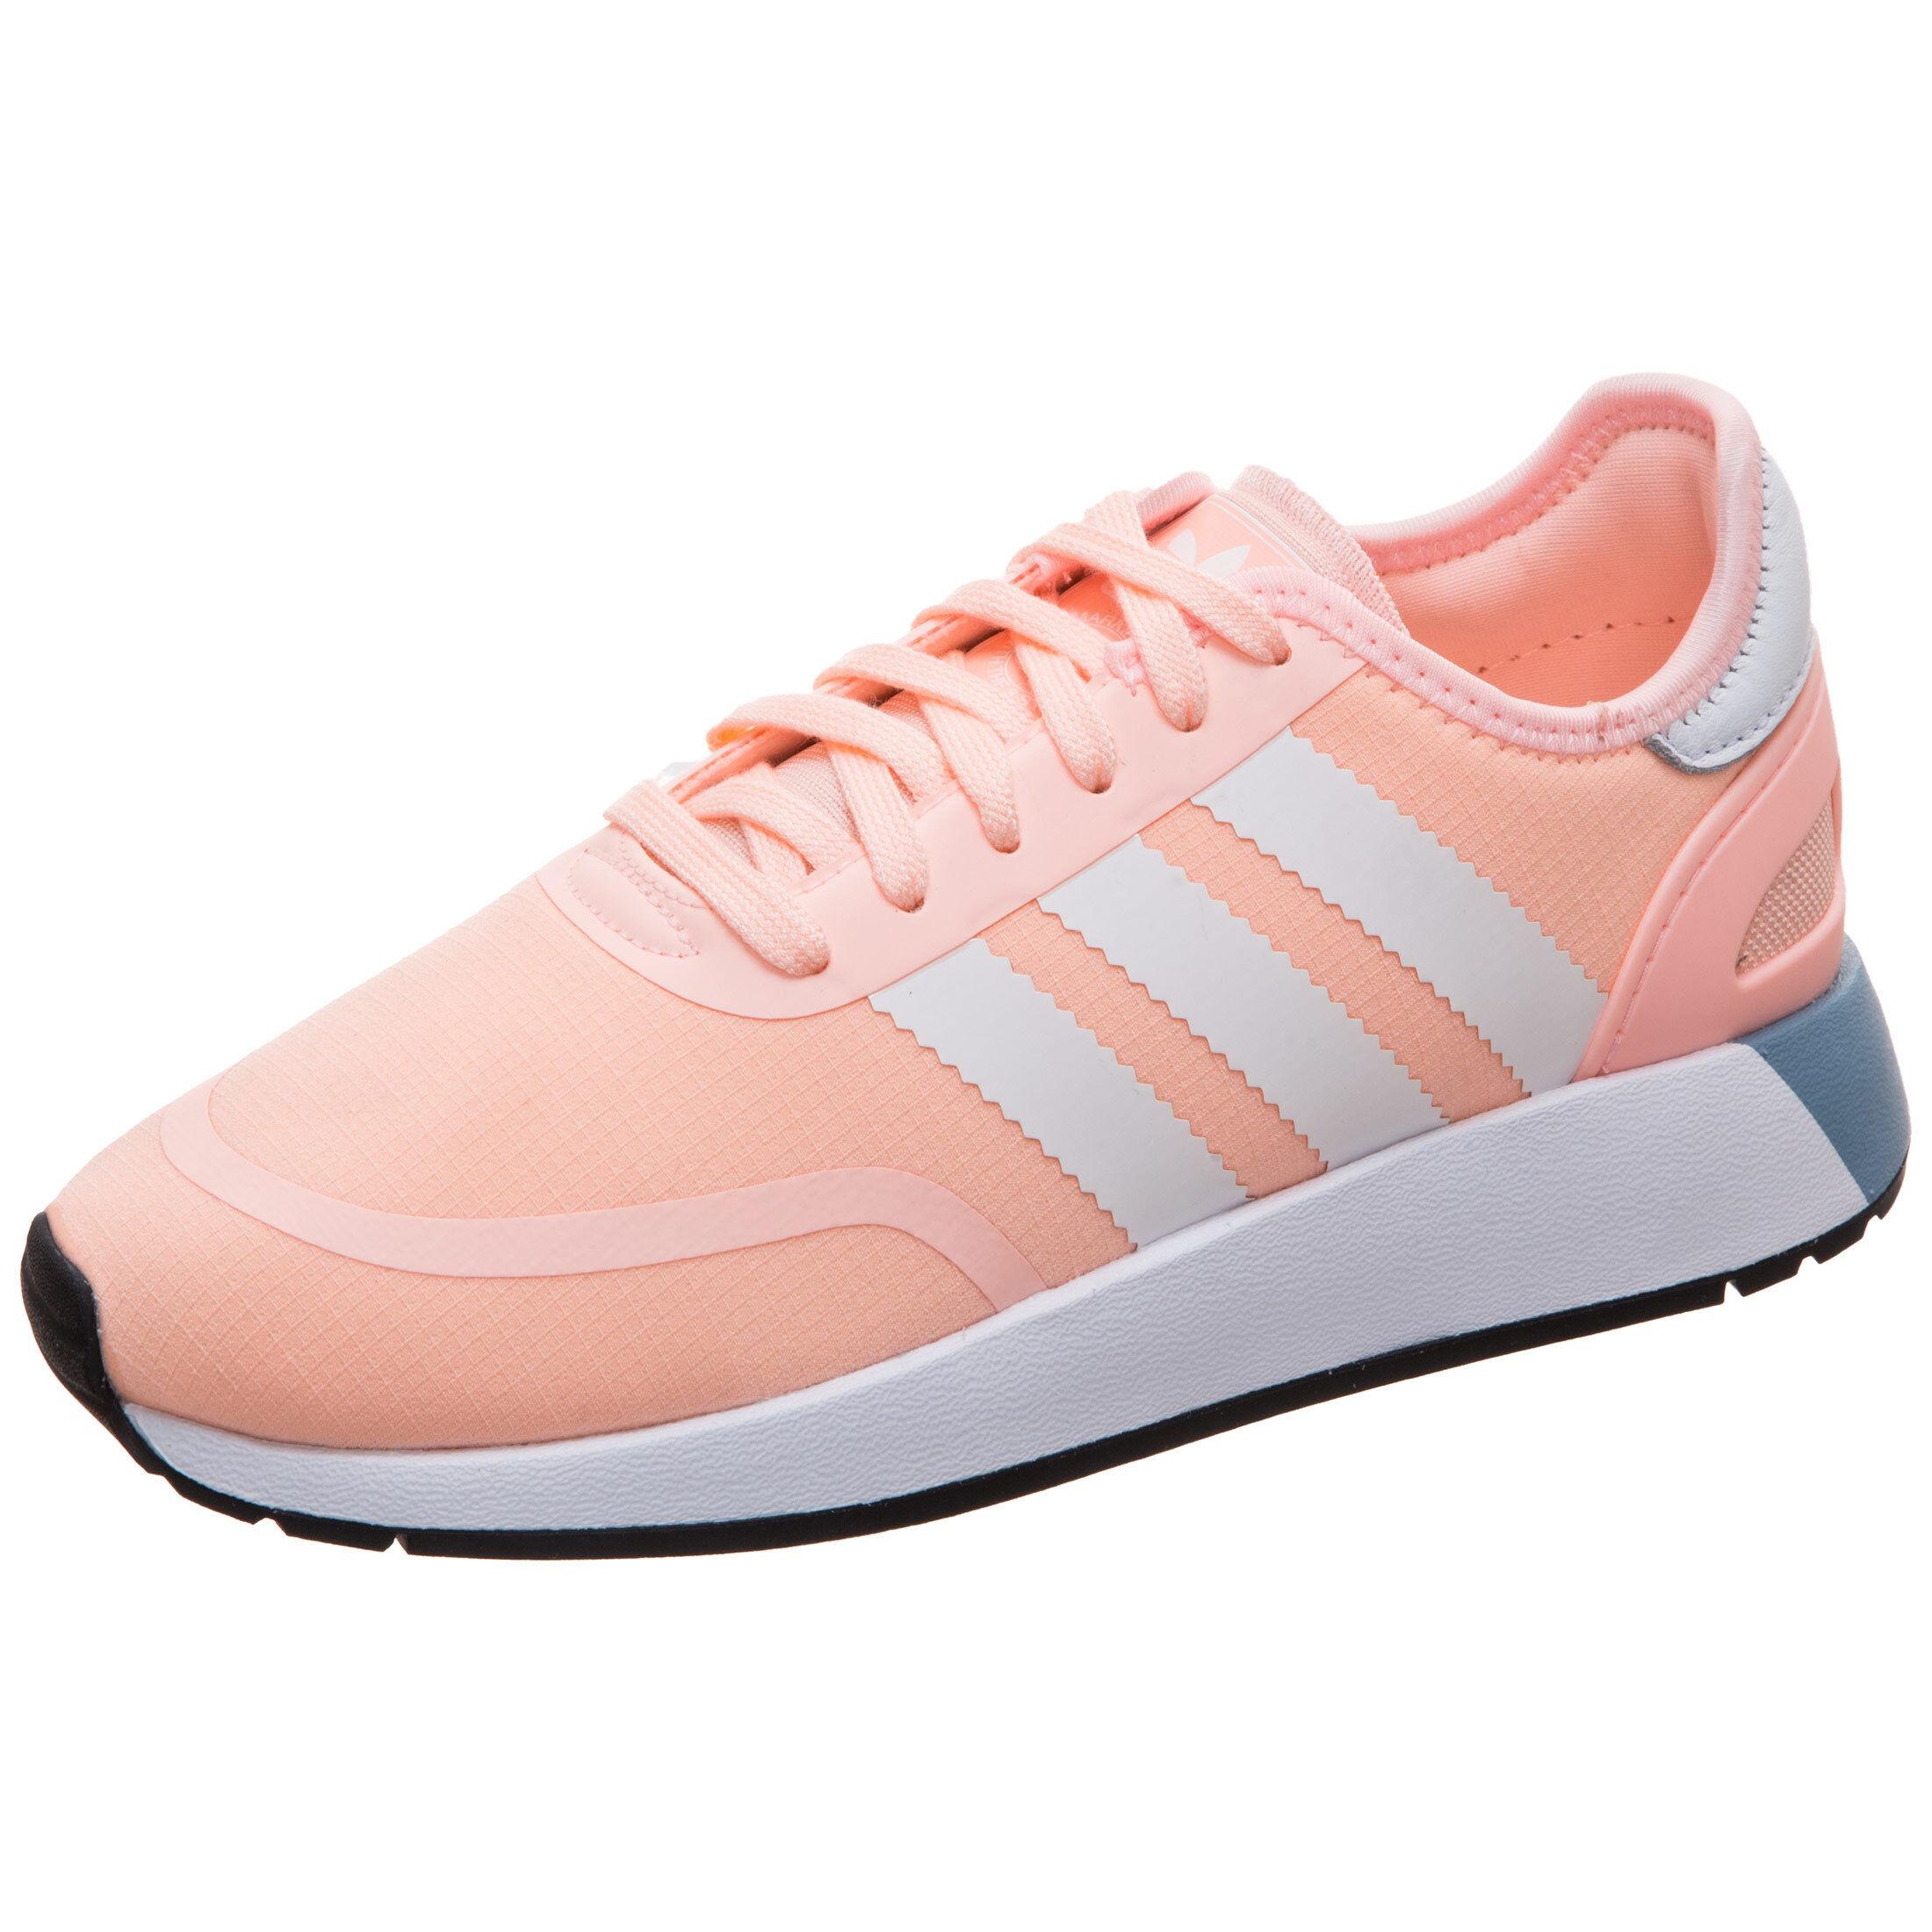 Damen N 5923 N 5923 N 5923 Sneaker N Sneaker Damen Sneaker Damen 5923 hdQtsrC